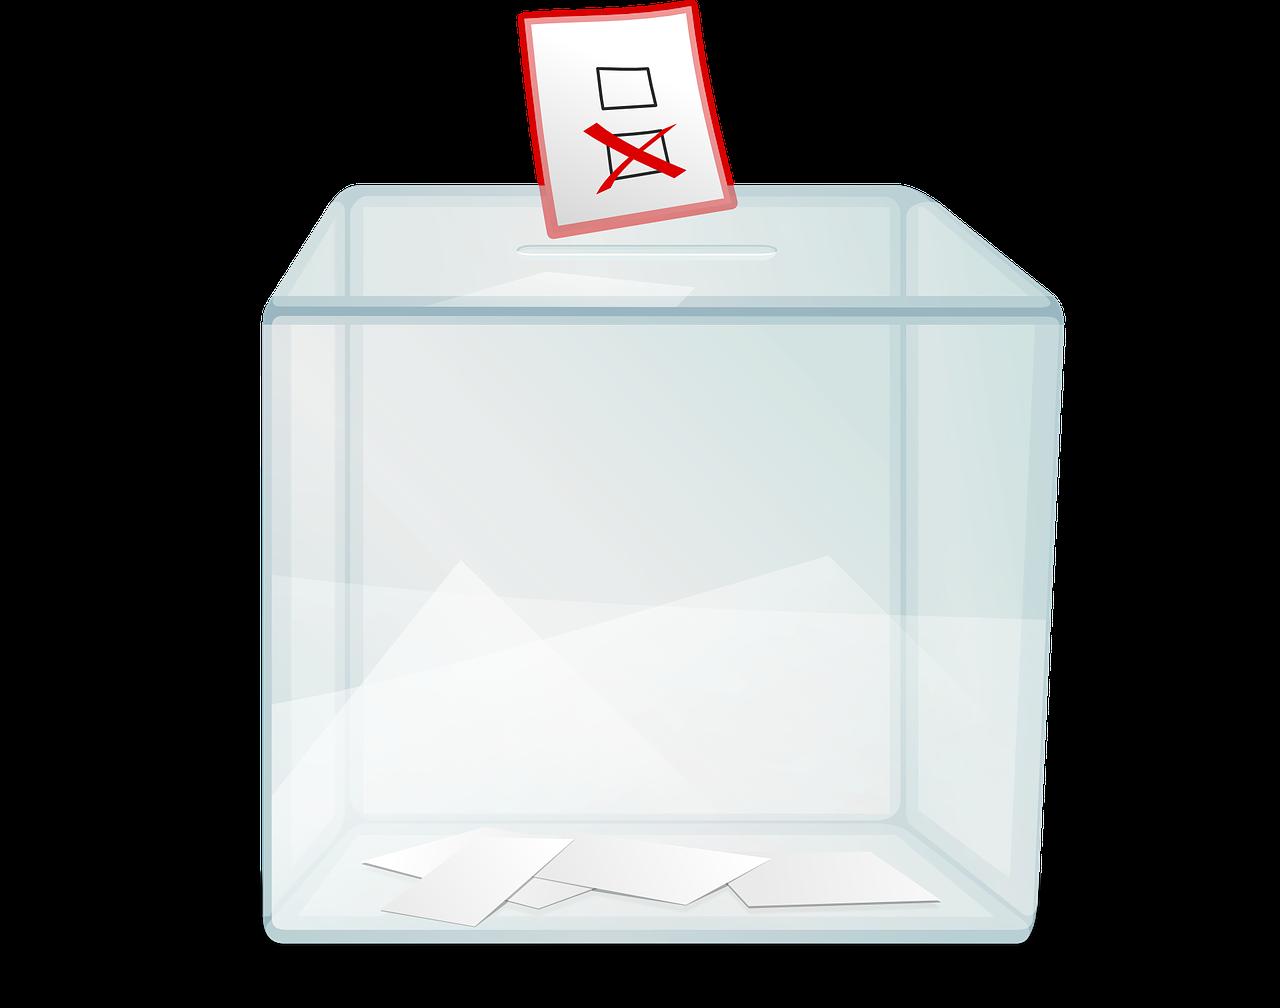 grafika przedstawia przezroczysta urne wyborczą do którejwpada karta wyborcza